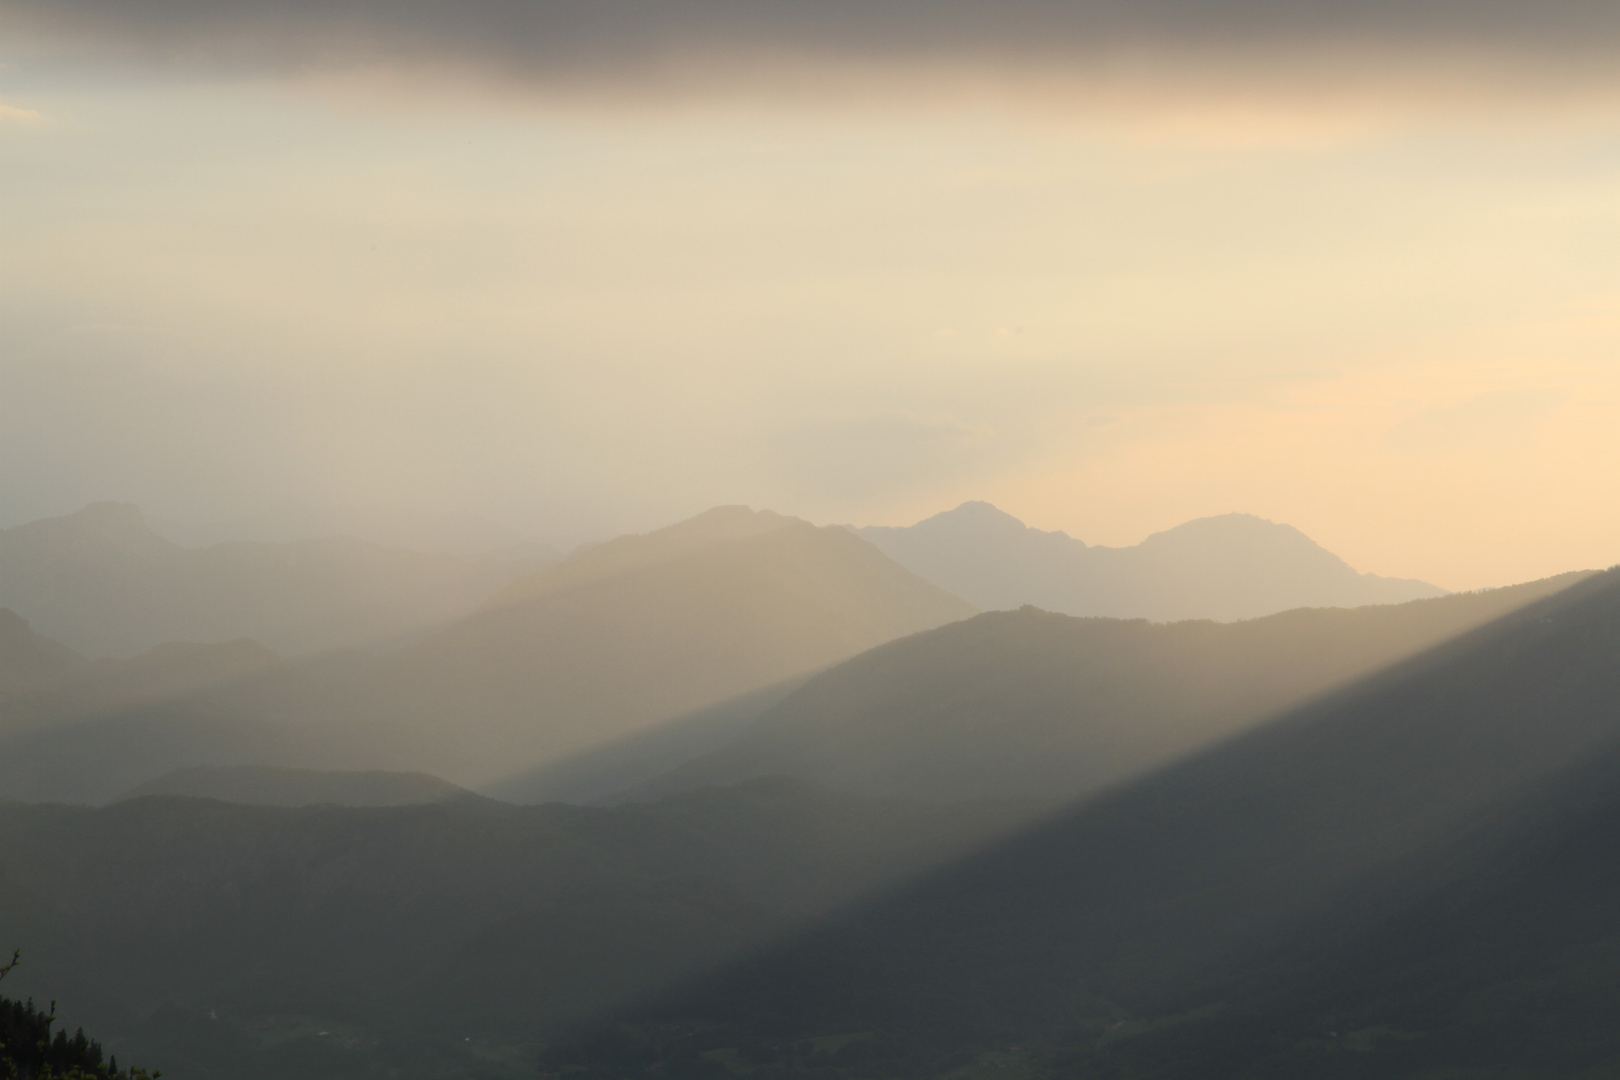 Schlechtwetterfront schluckt Sonnenlicht 3